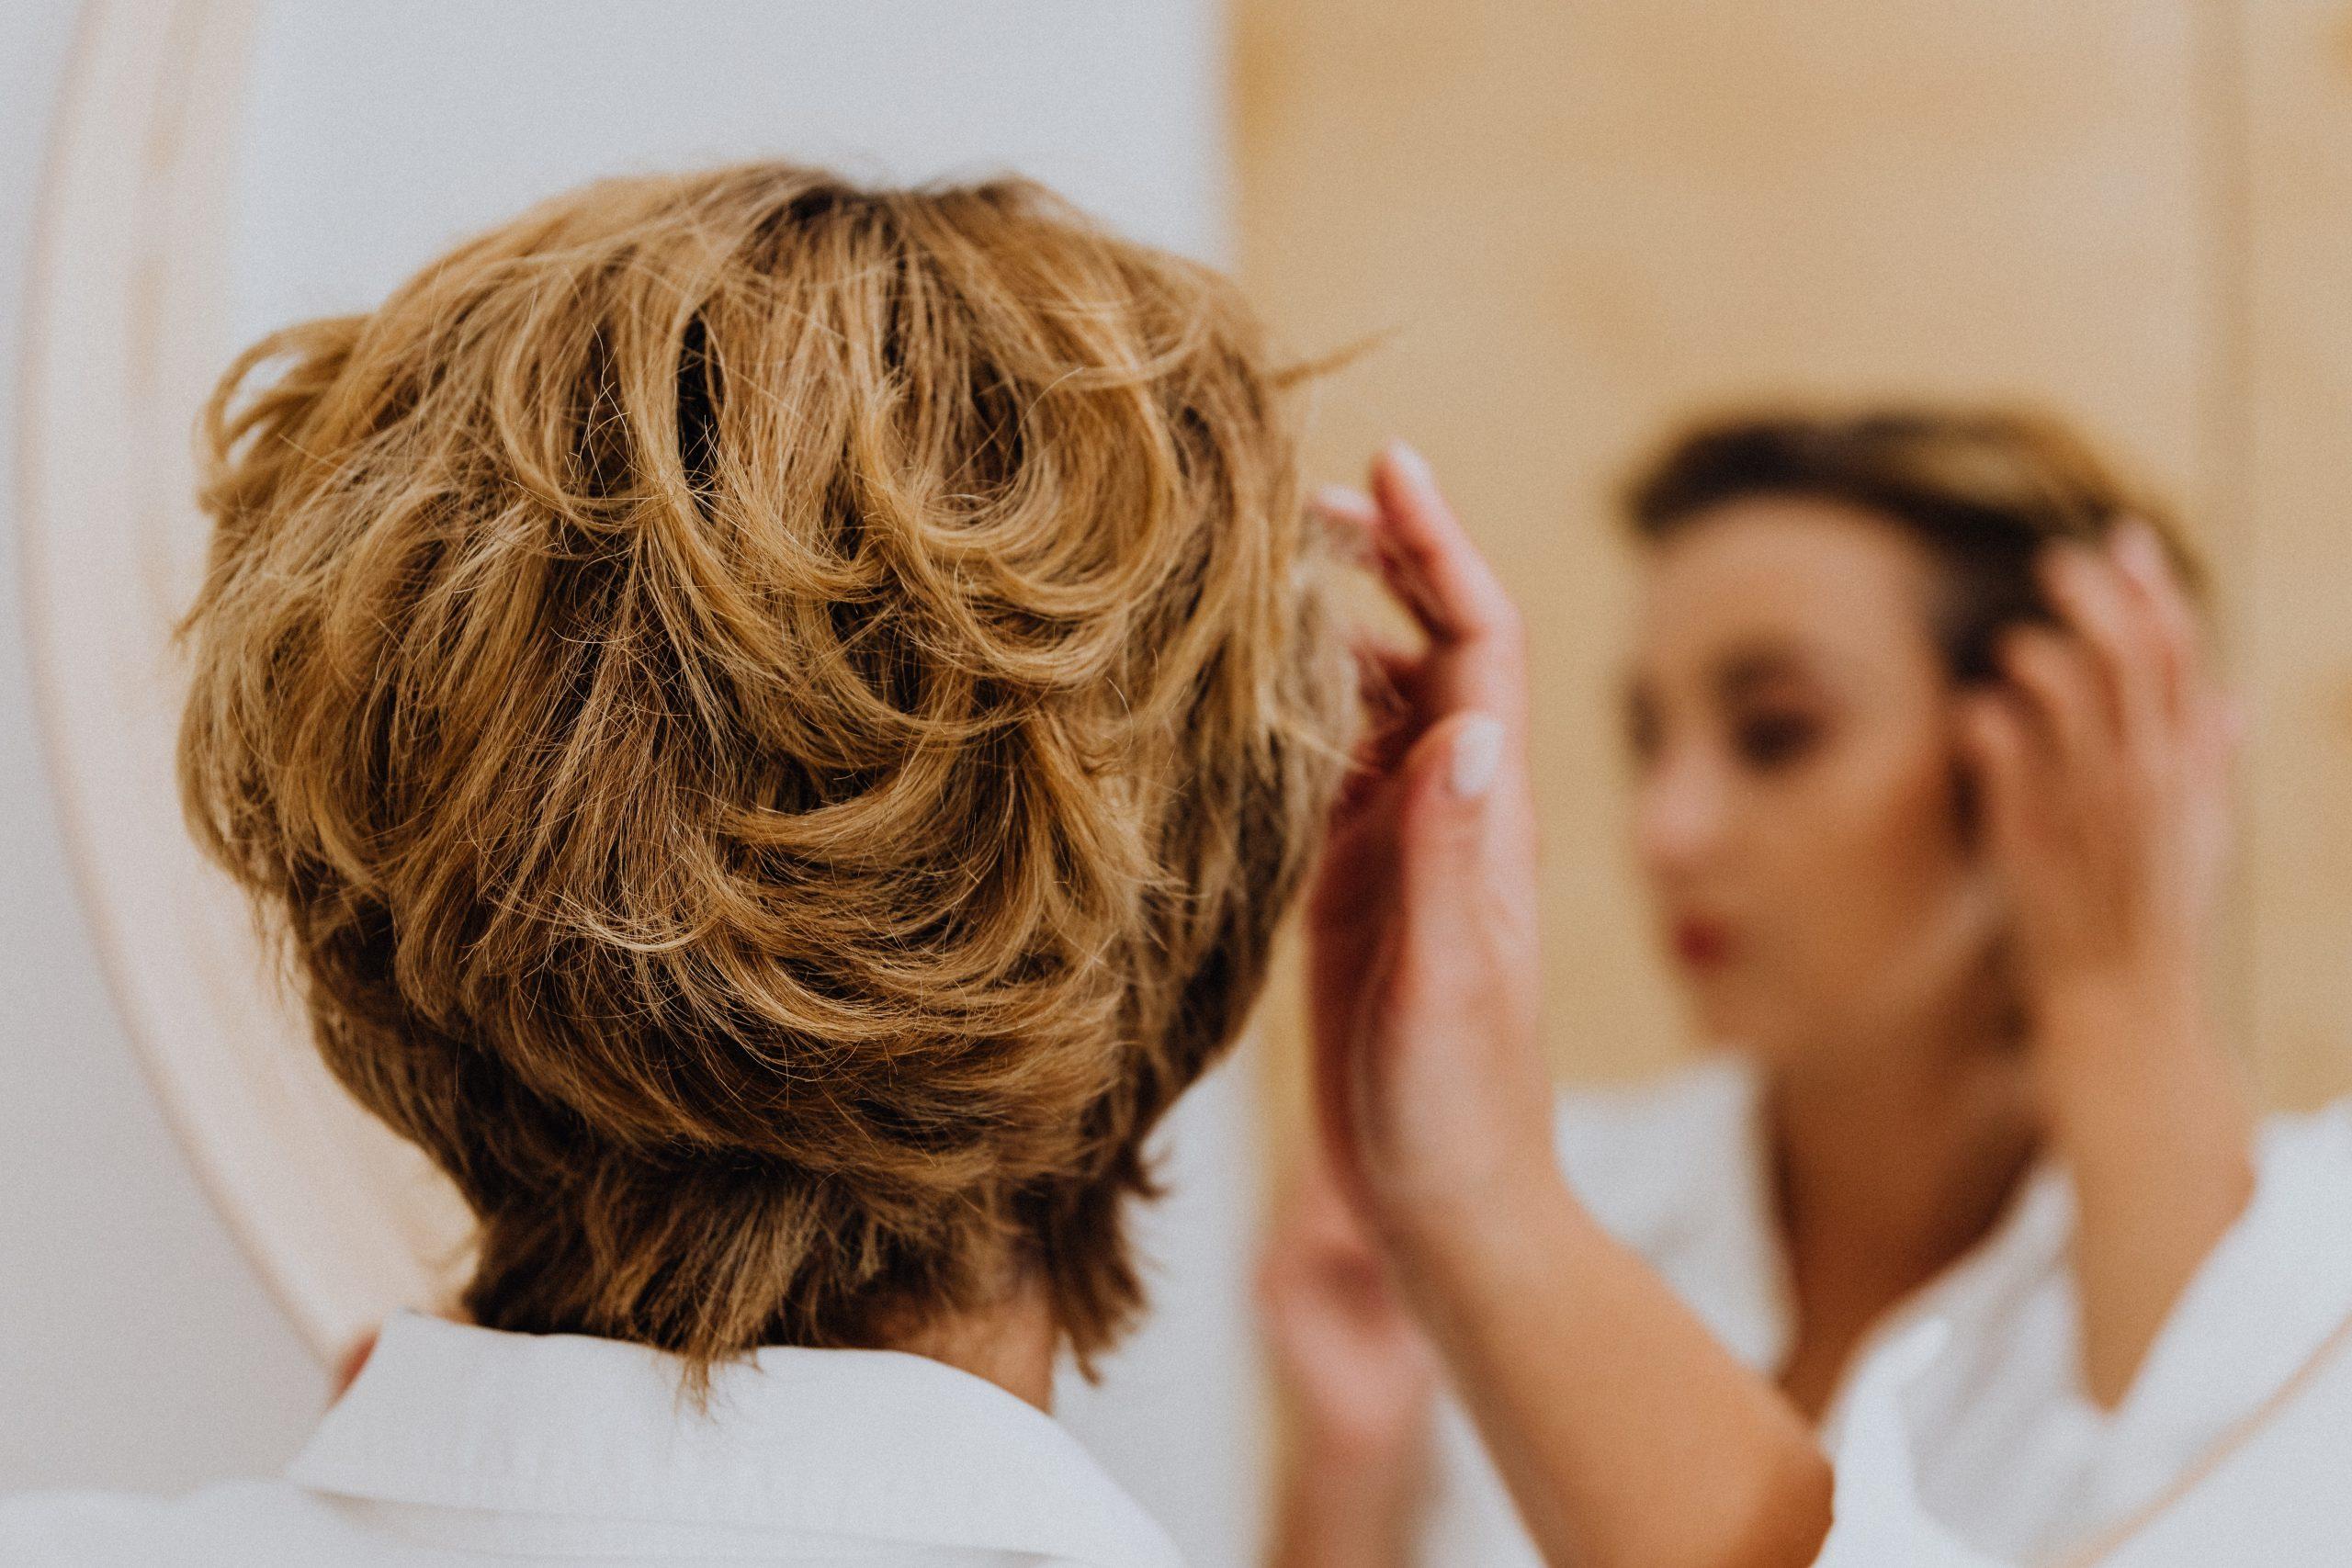 Трихолог объяснила выпадение волос после коронавируса